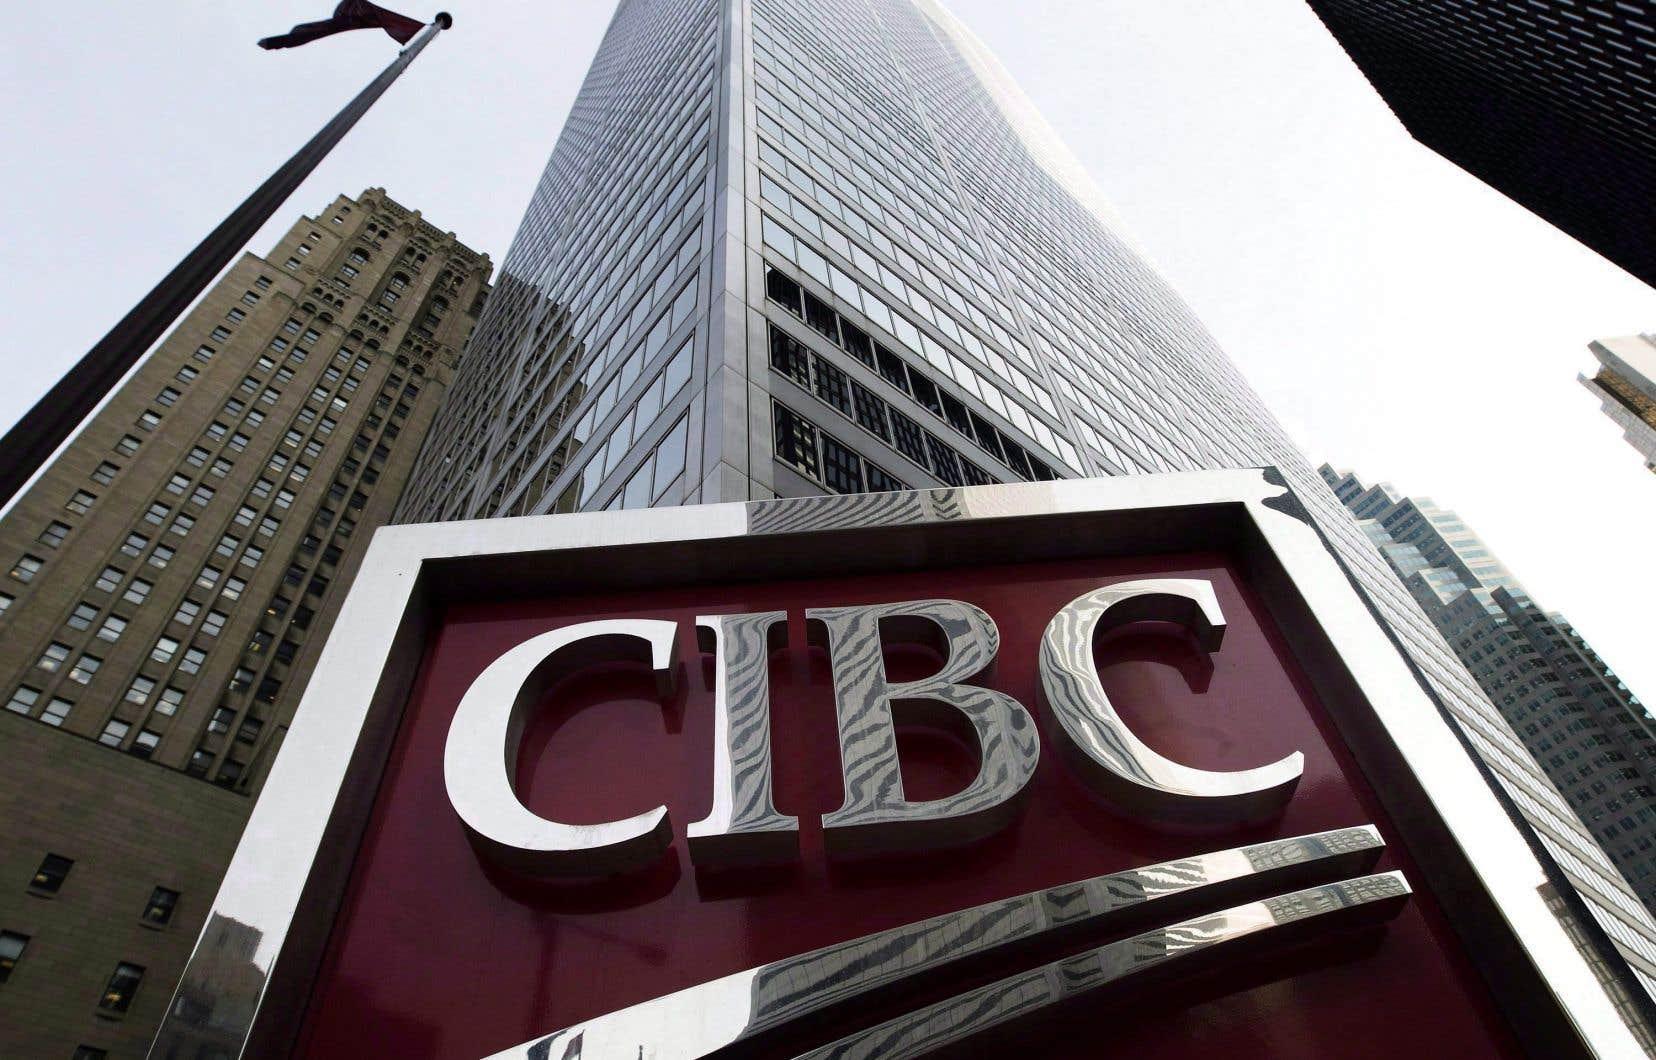 La banque CIBL s'est classée au 25e rang des grandes marques utilisées par les cybercriminels lors d'attaques d'hameçonnage en Amérique du Nord.